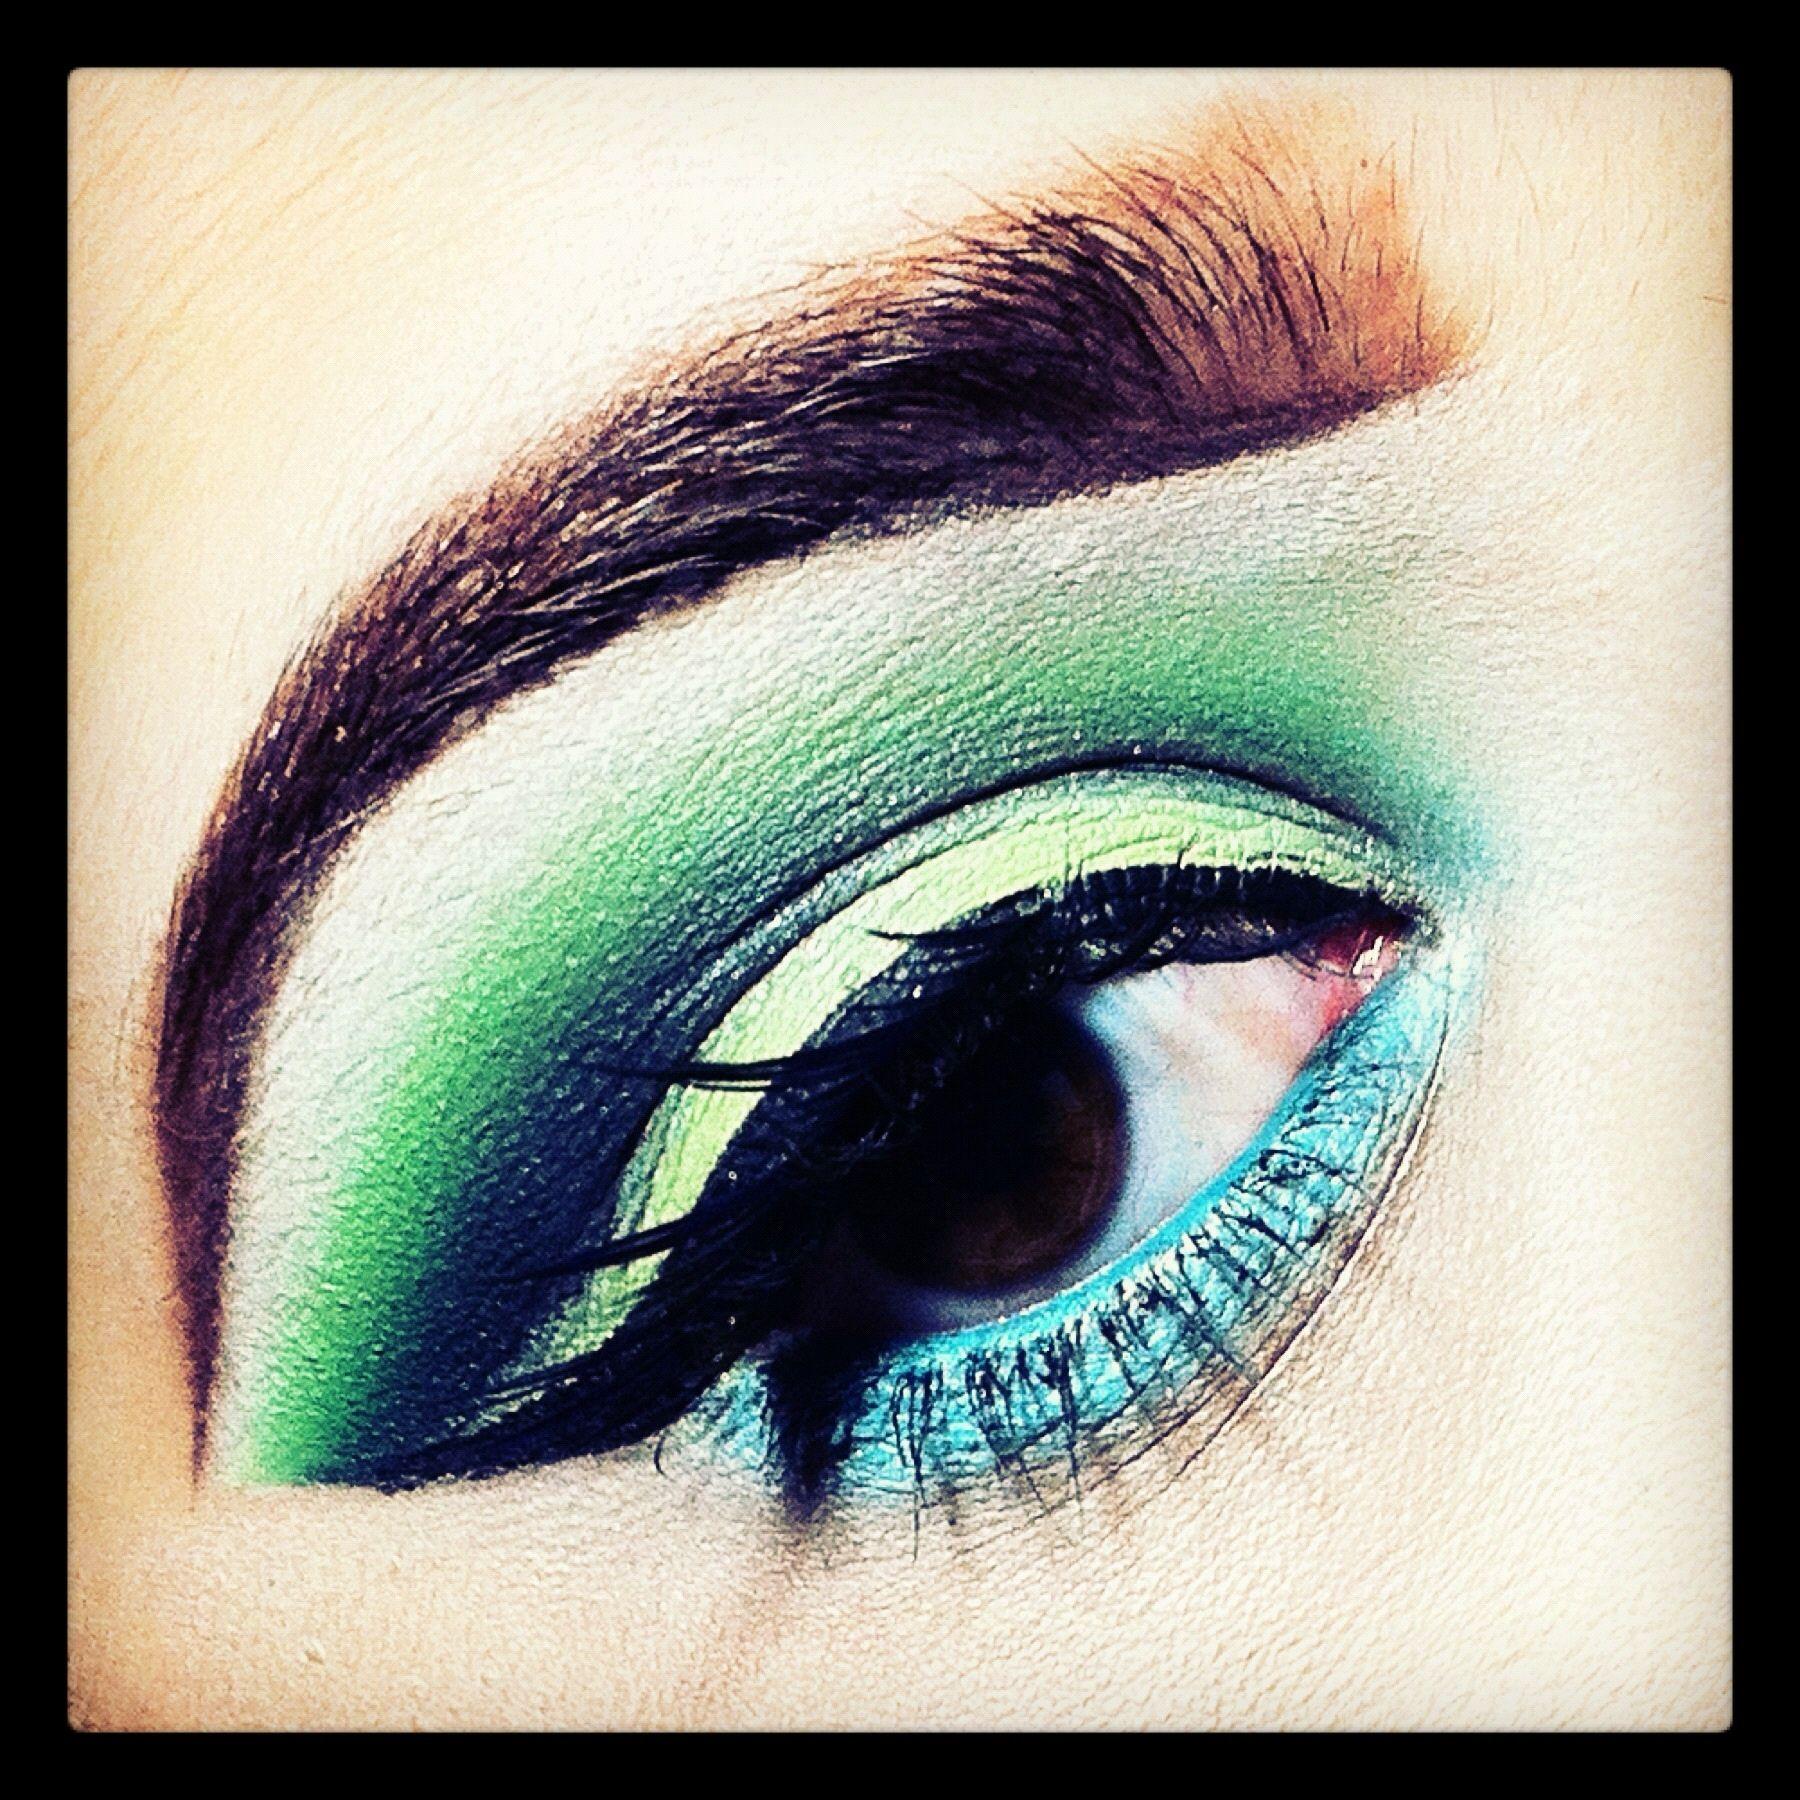 Nicki Minaj Inspired Makeup Makeup inspiration, Makeup